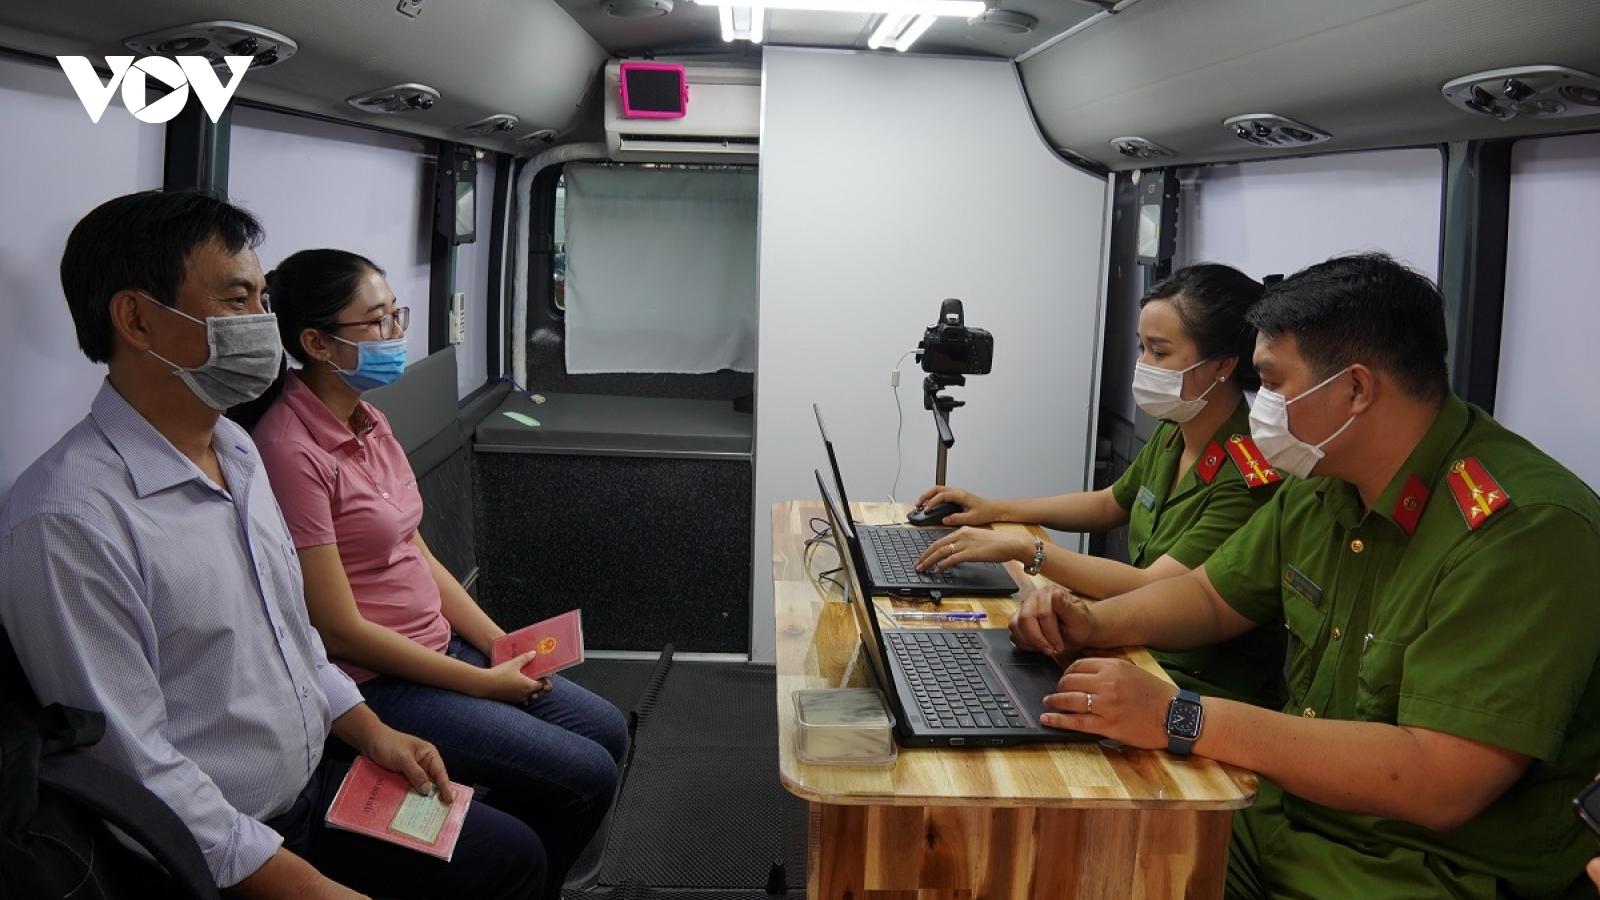 Chạy nước rút, TPHCM đưa vào hoạt động 2 xe lưu động làm căn cước công dân